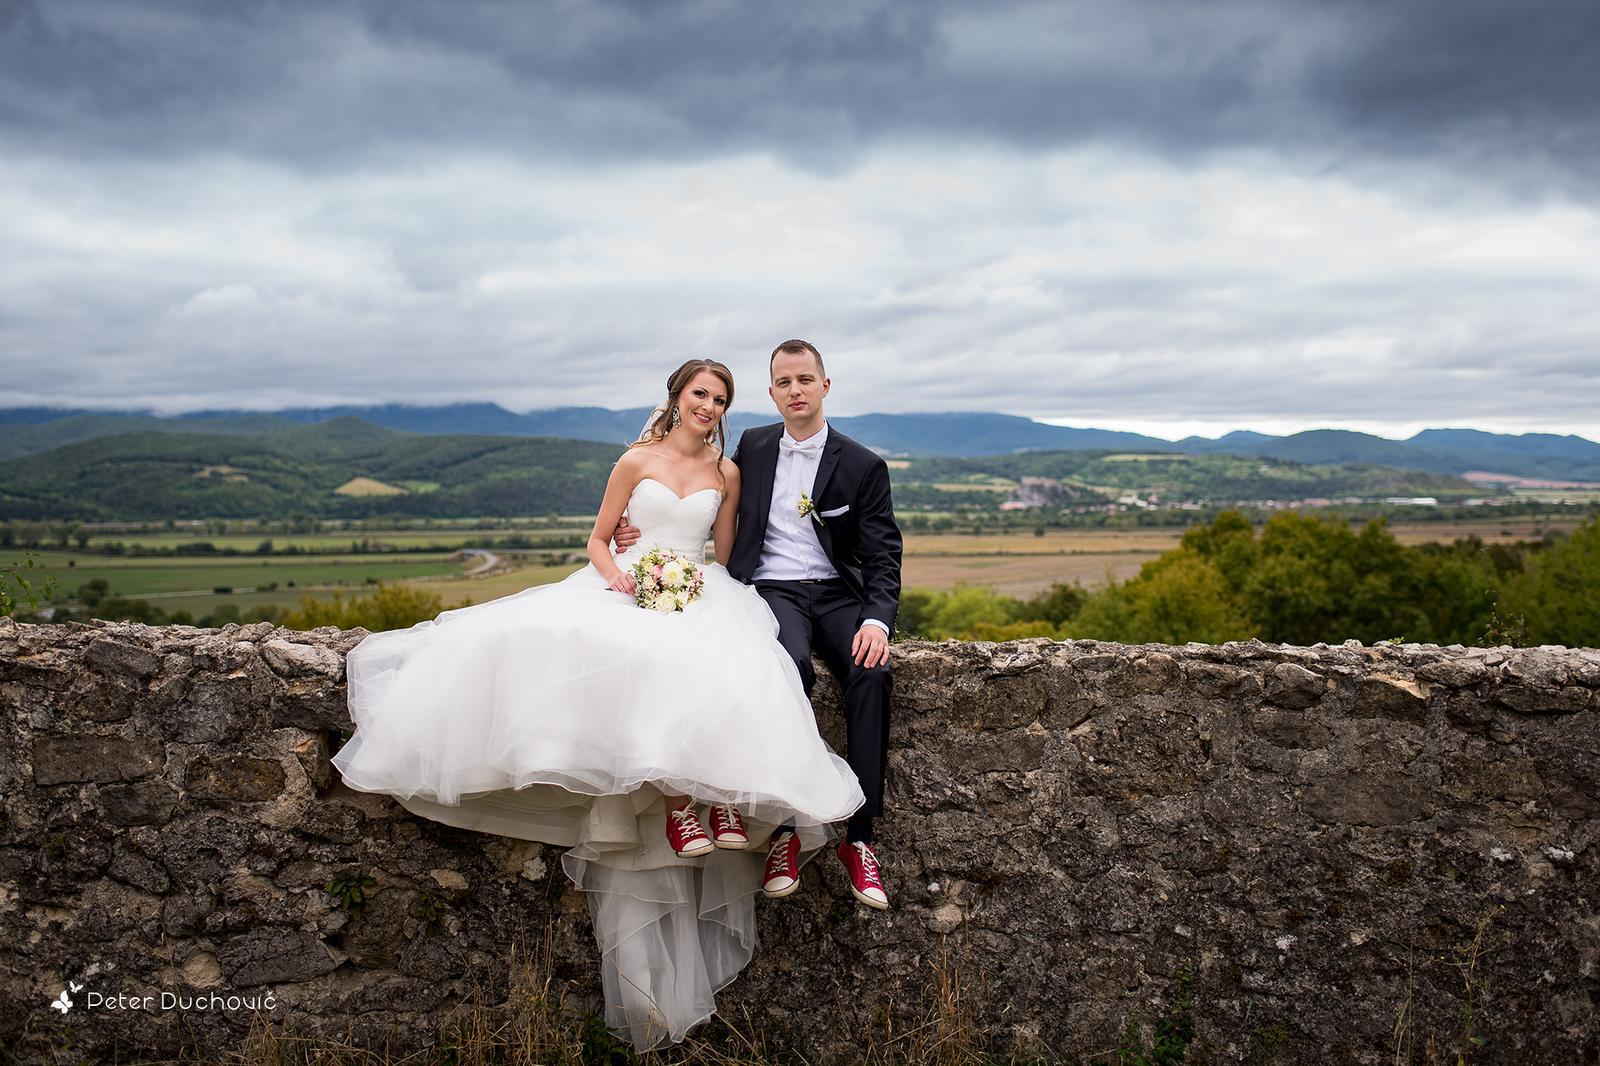 Svadba Adela a Stanko - Obrázok č. 1